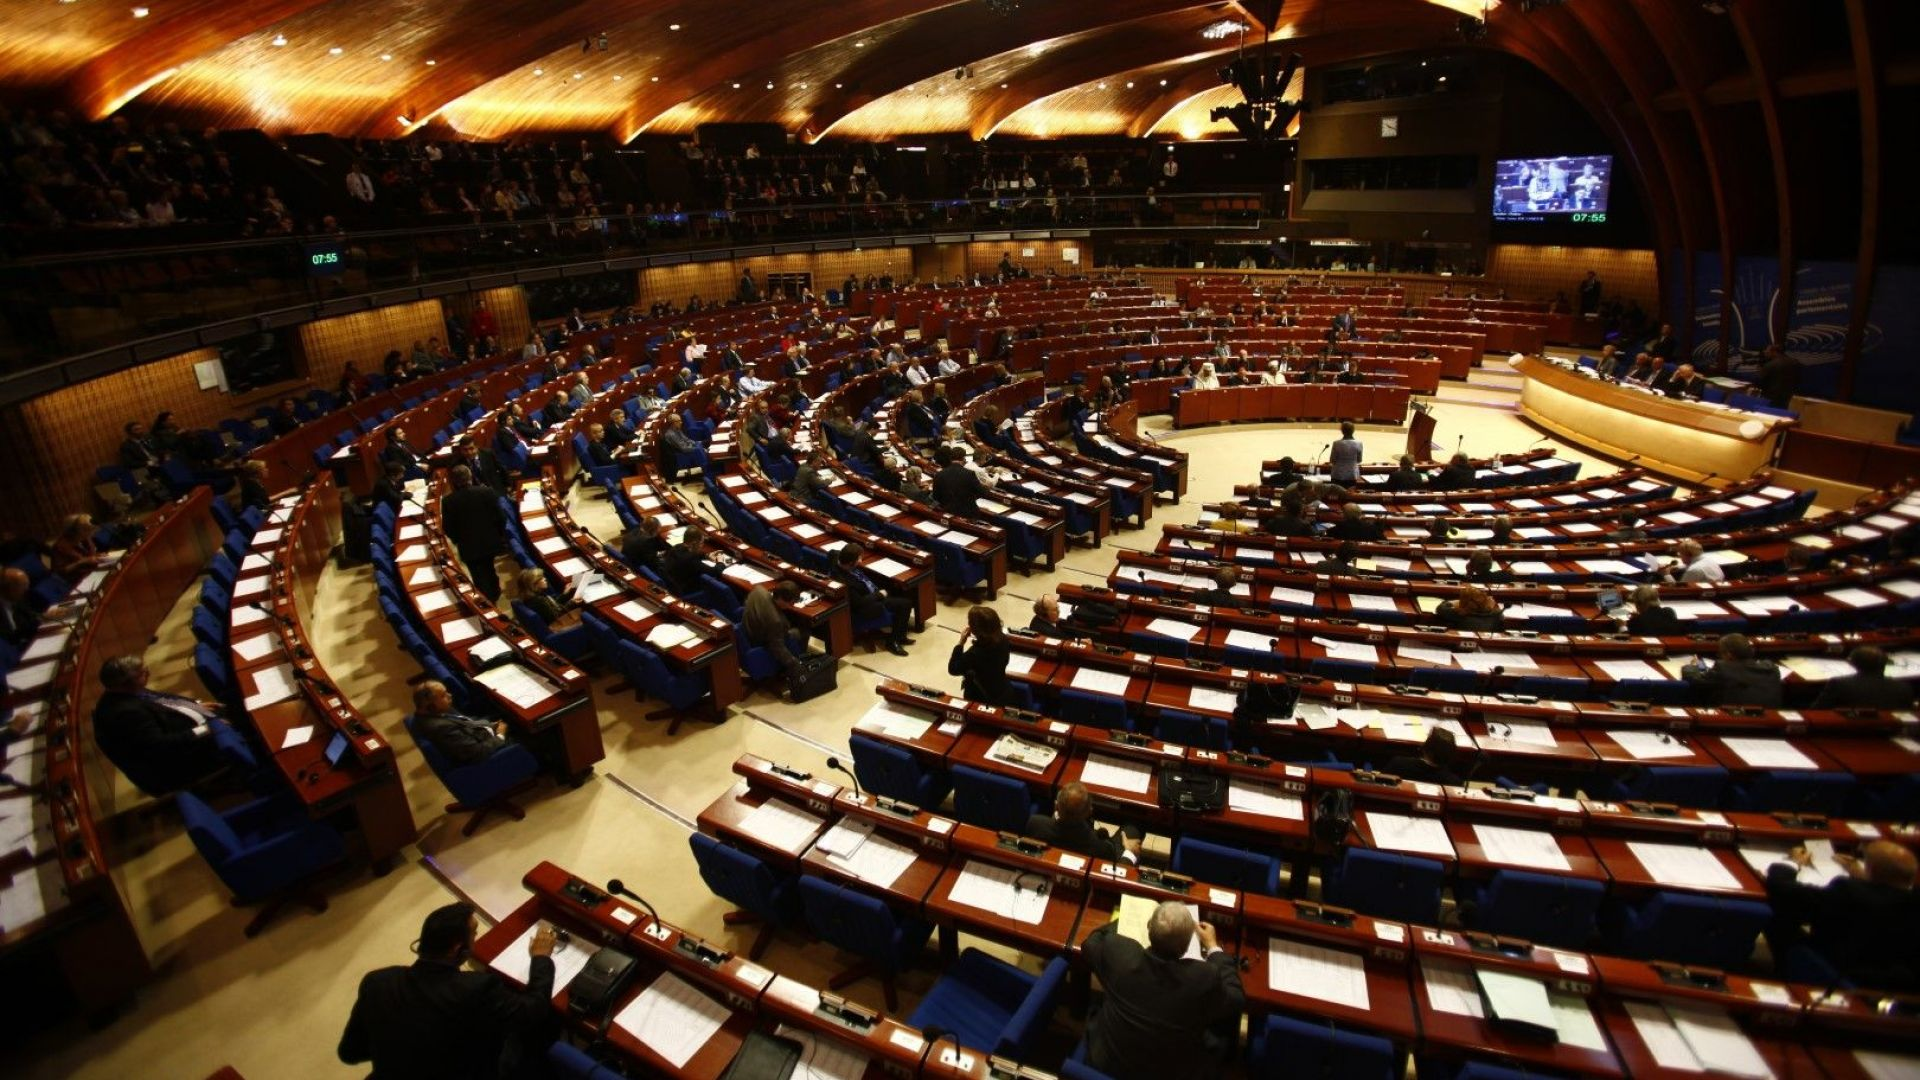 Съветът на Европа потвърди пълномощията на Русия, украинската делегация напусна